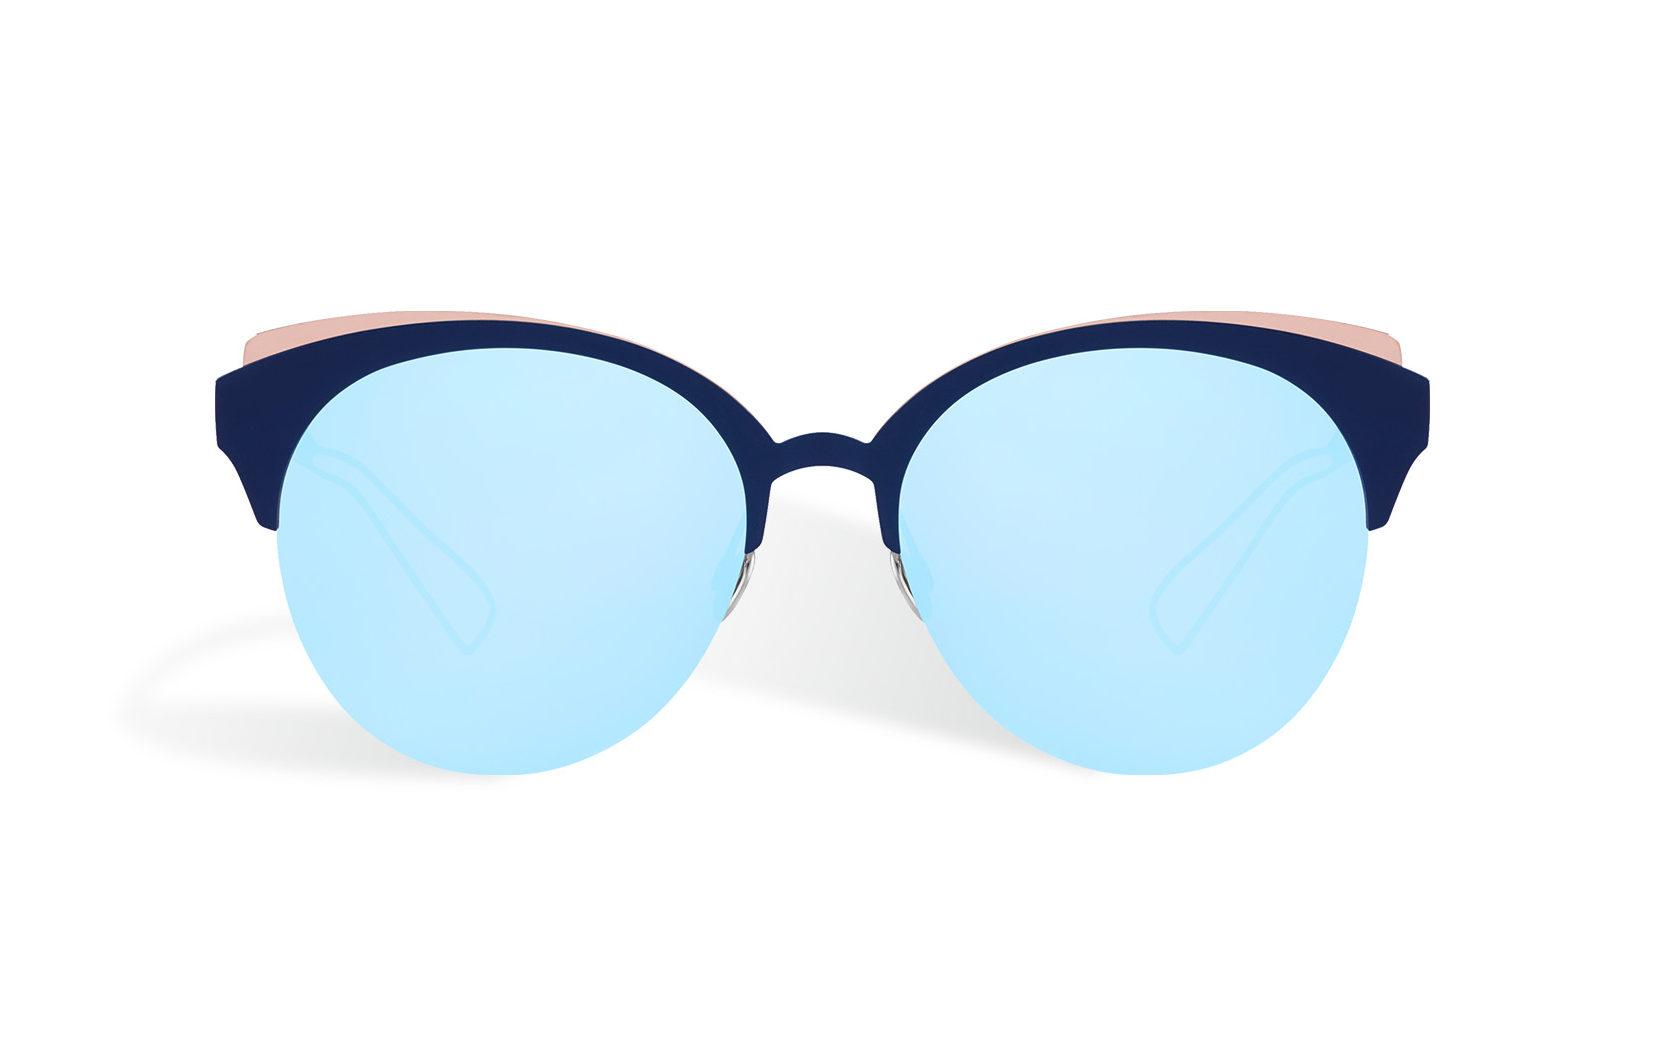 ac5934eab8c23 Gafas de sol Dior Diorama Club - Óptica diferente en Barcelona